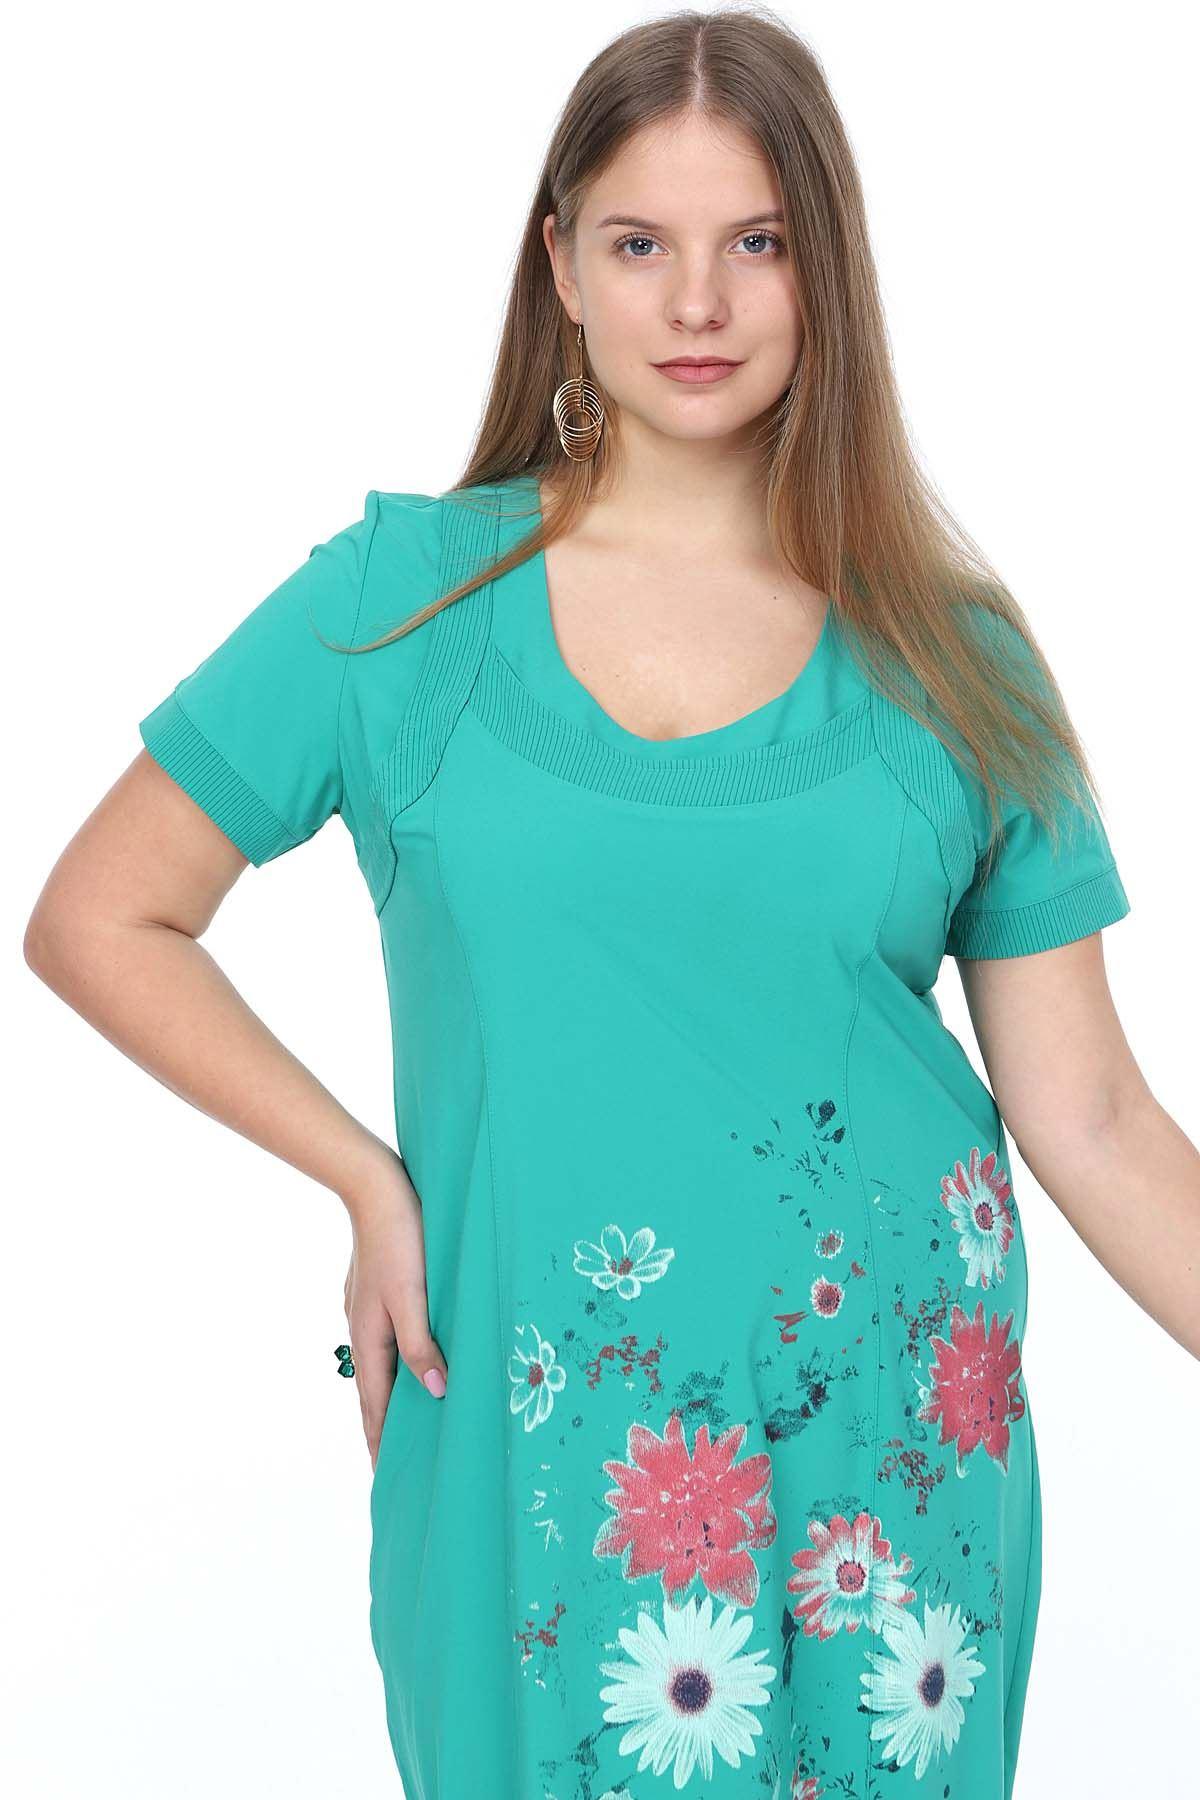 Yazlık Yeşil Baskılı Büyük Beden Elbise 24E-0912